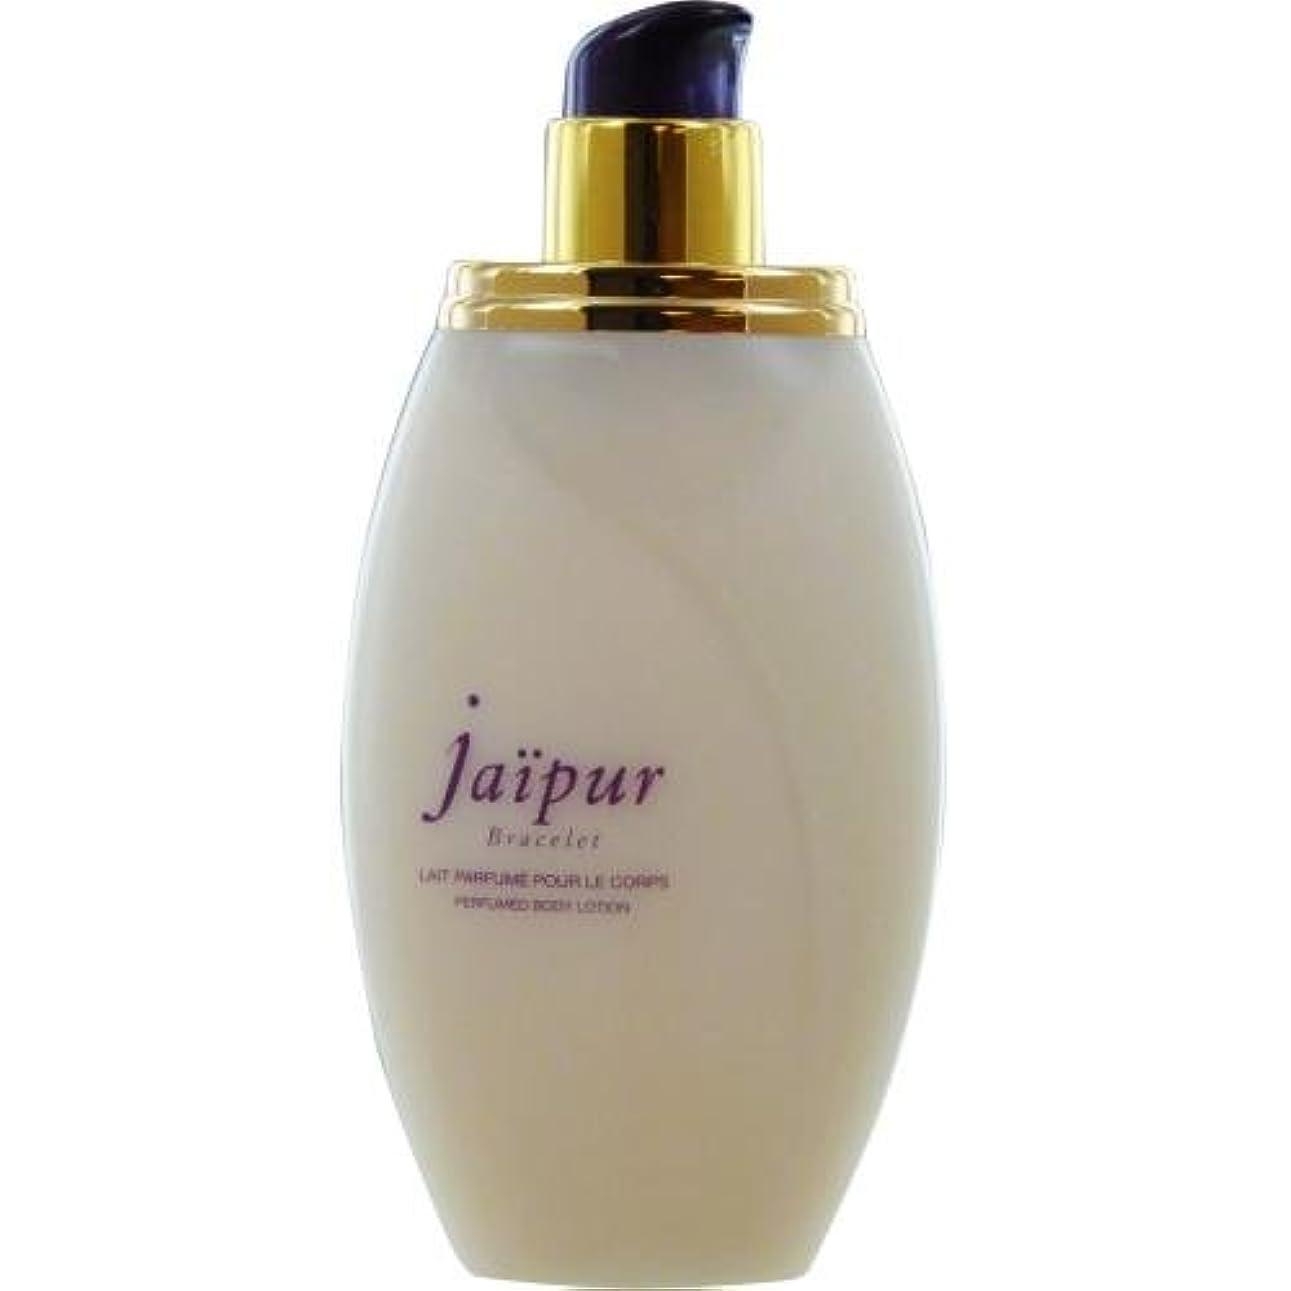 子音ビリーヤギレジデンスJaipur Bracelet Perfumed Body Lotion